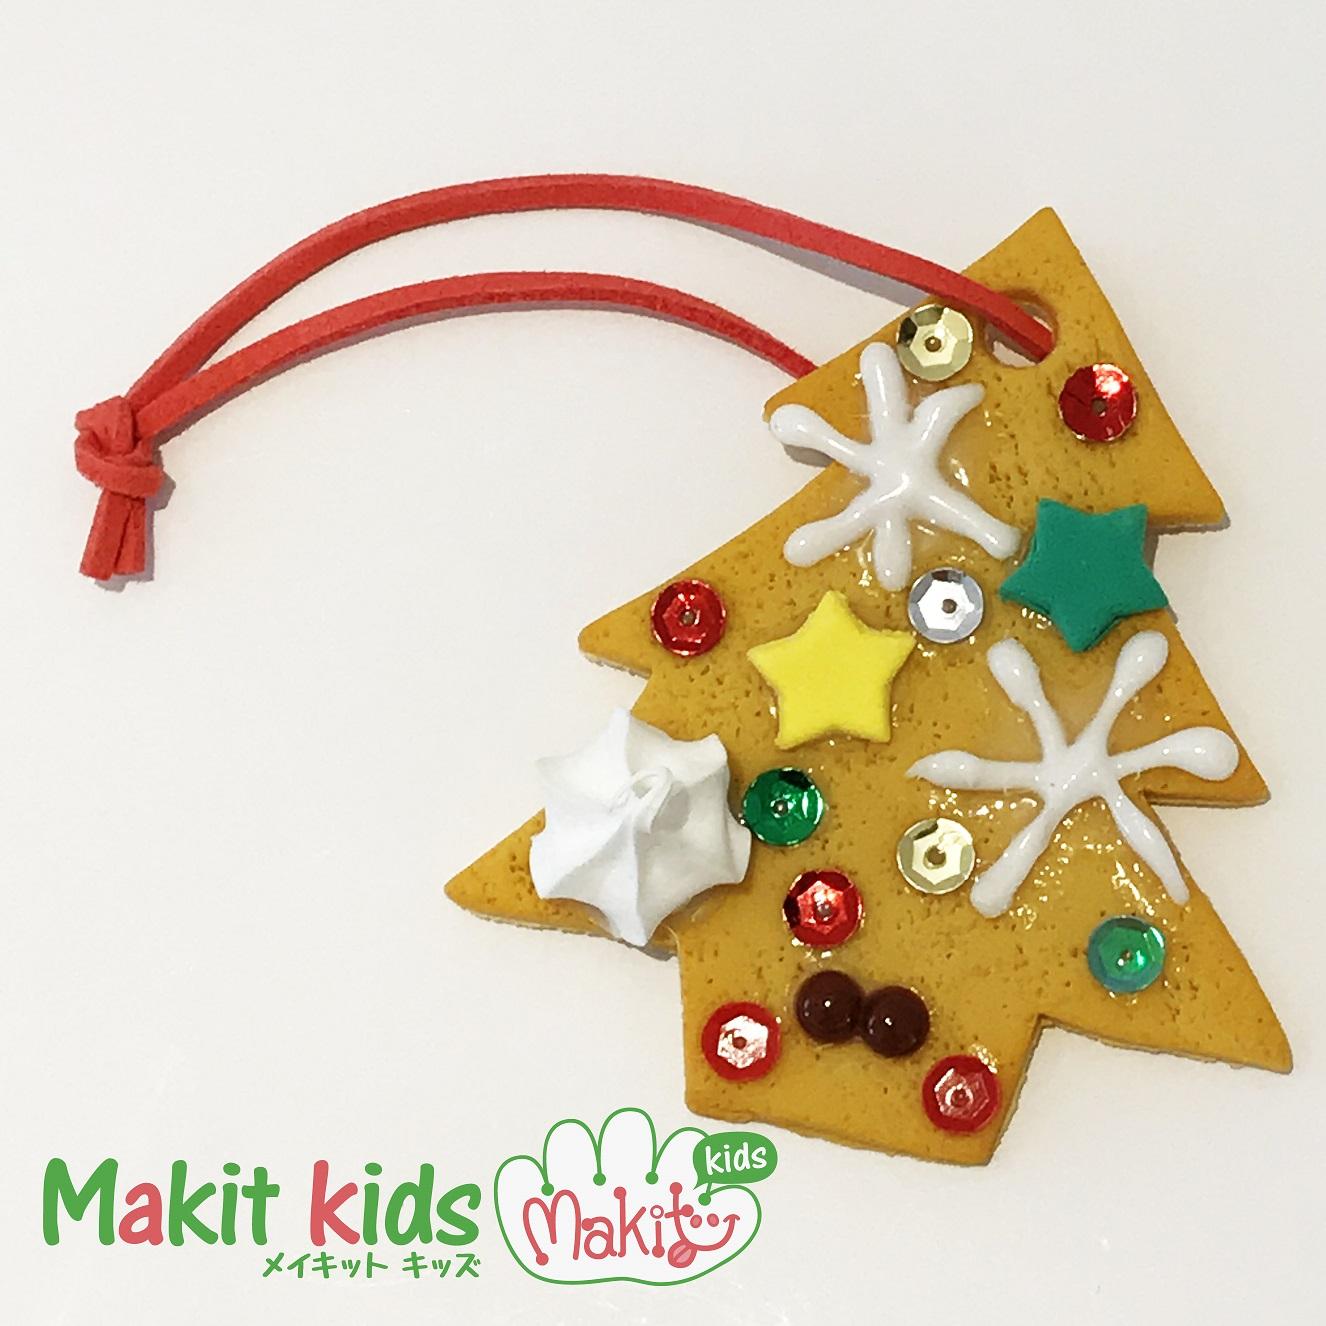 クリスマスツリークッキーオーナメントのイメージ